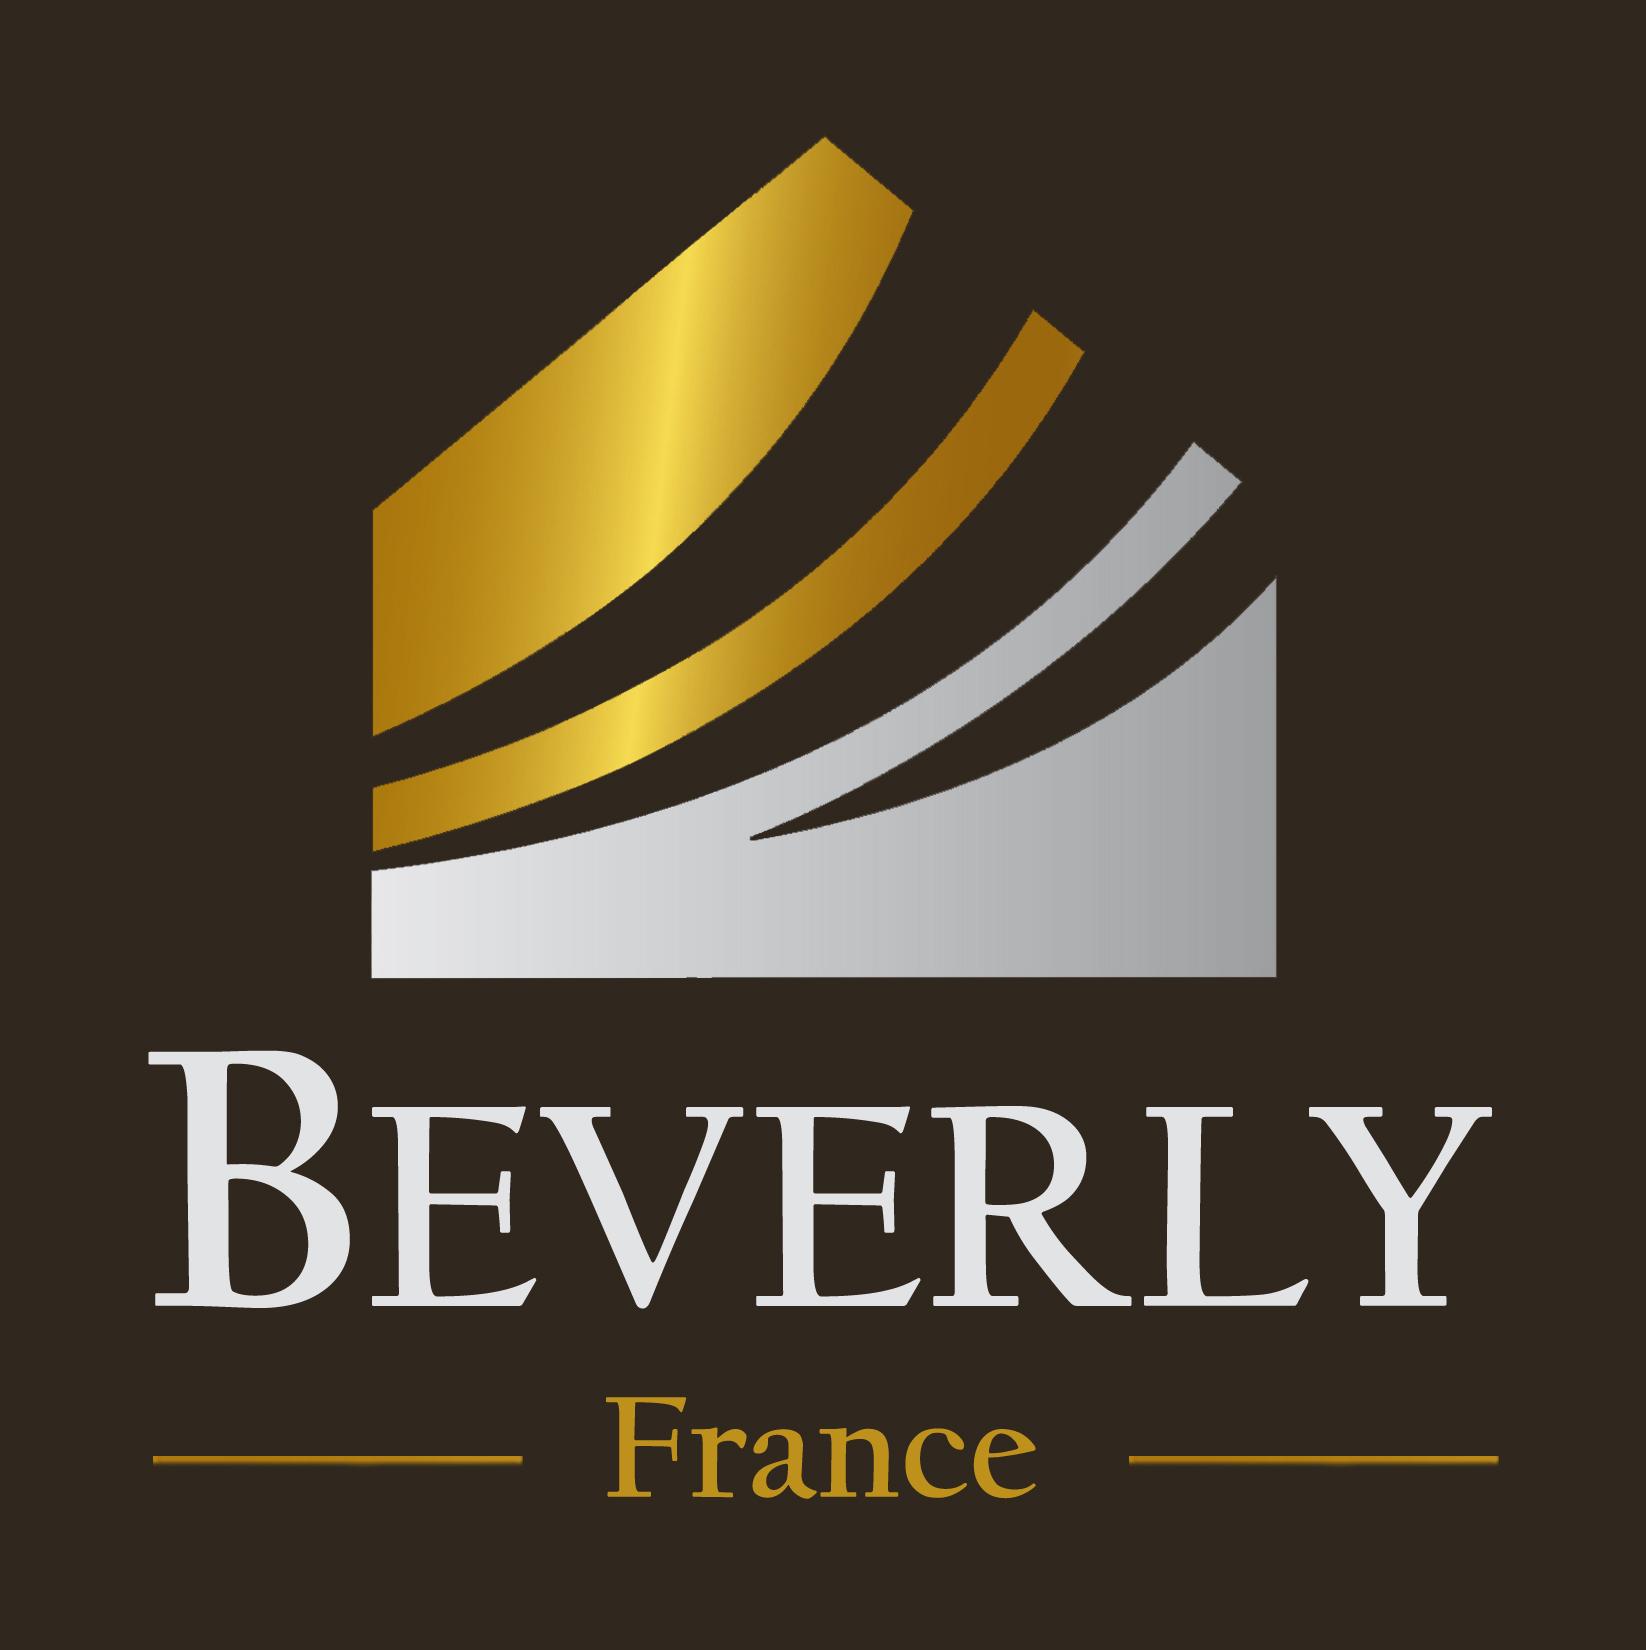 Beverly, la Référence Haut de Gamme de votre Ville ou Quartier. Confiez-nous vos Biens, nous payons vos Taxes d'Hab. et Foncières pendant la durée du Mandat !